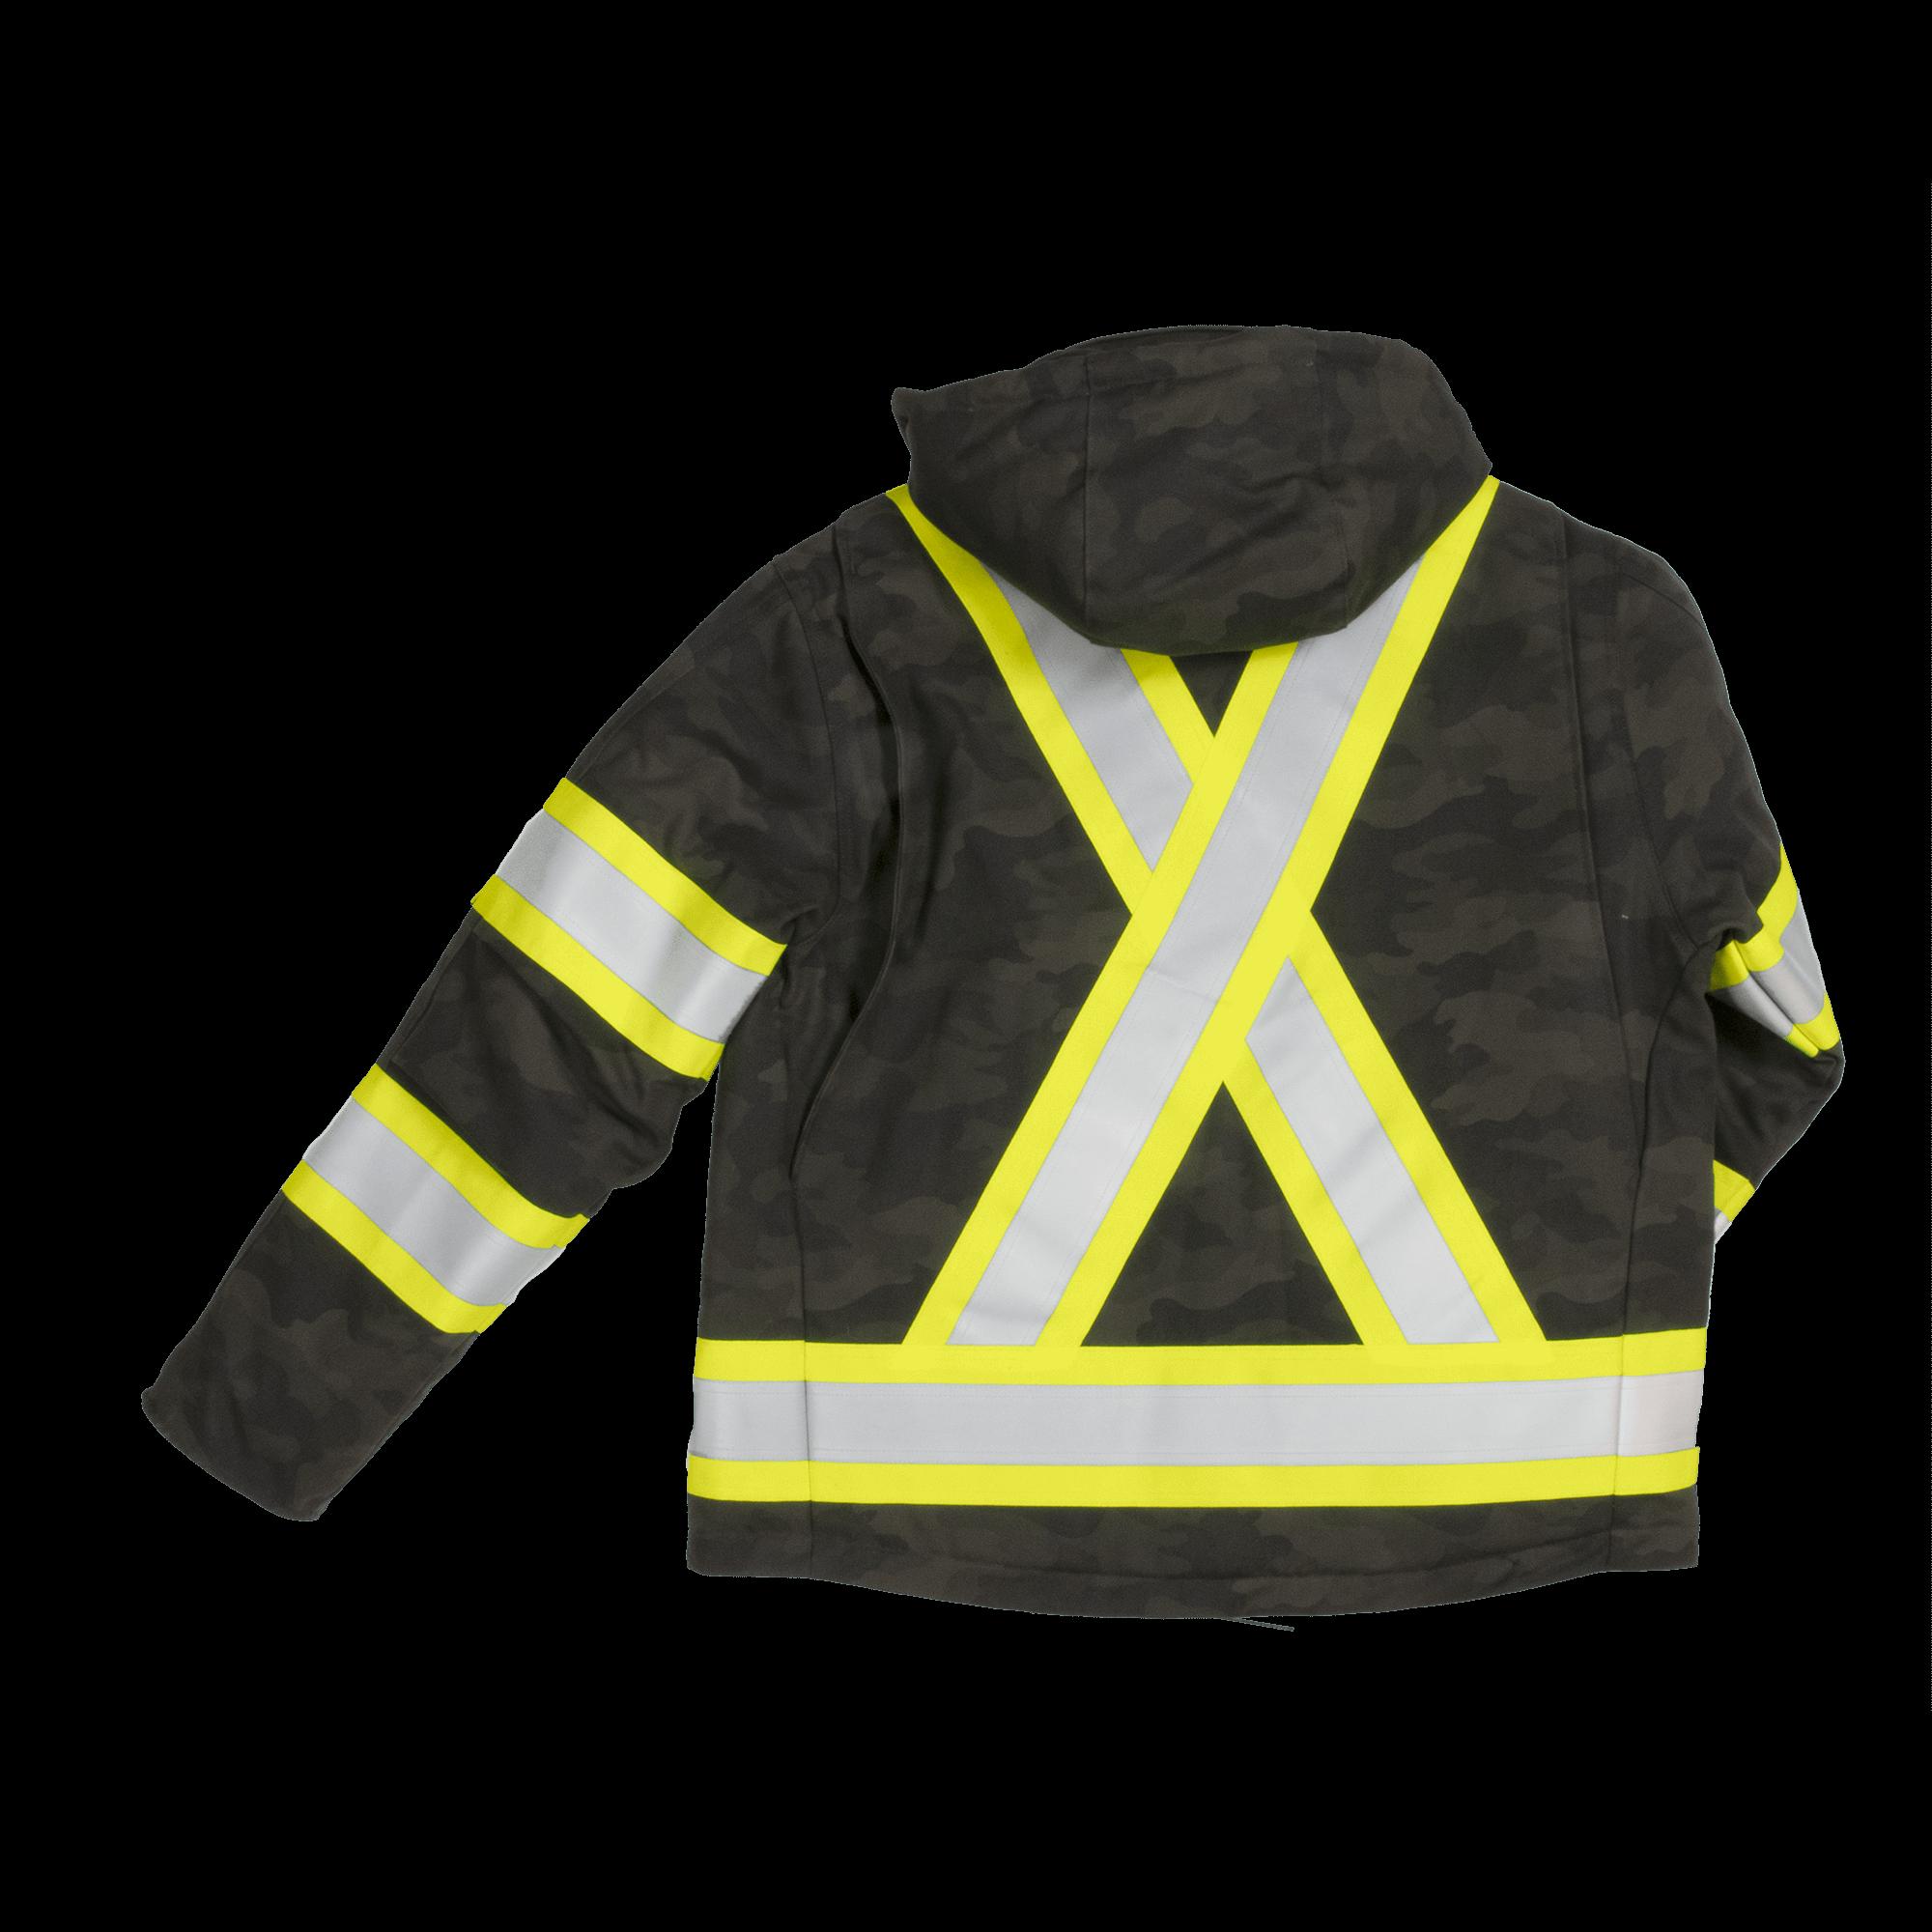 https://0901.nccdn.net/4_2/000/000/038/2d3/sj33-camo-b-camo-flex-duck-safety-jacket-camo-back-1.png